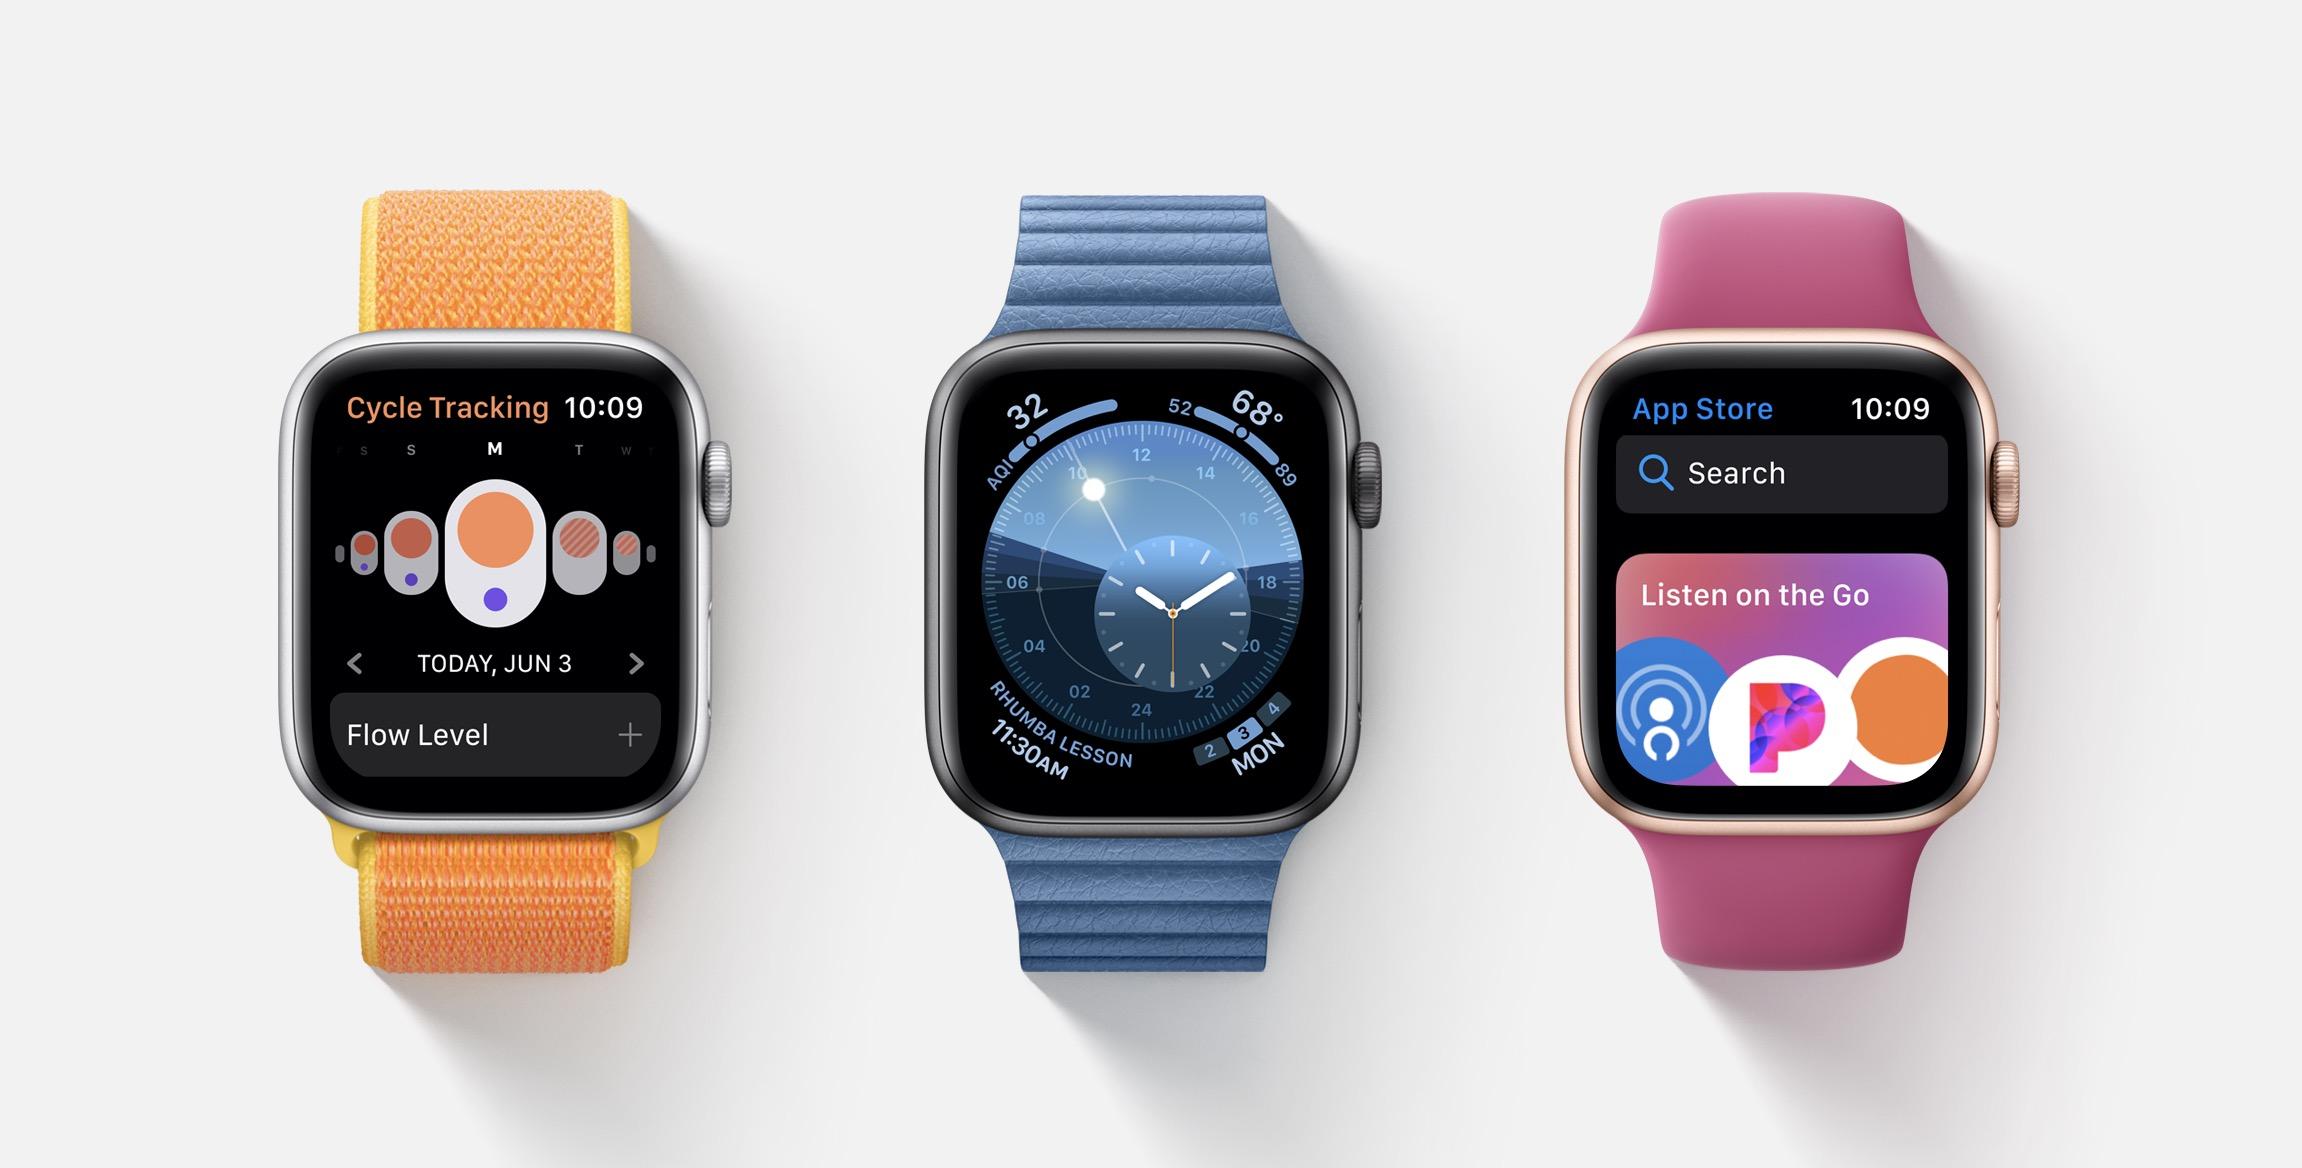 Quelles nouveautés pour l'Apple Watch avec watchOS 6 ? 1